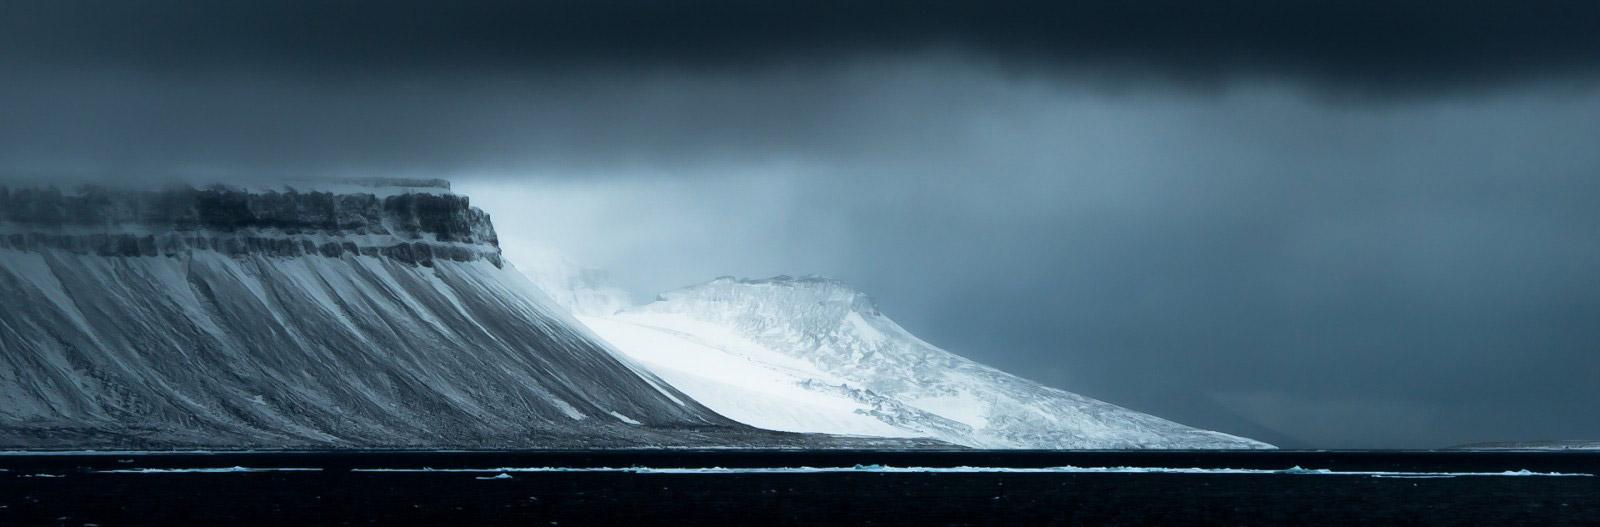 Арктический свет 4, © Гюнтер Райл, Финалисты конкурса «Самая красивая страна – 2019»